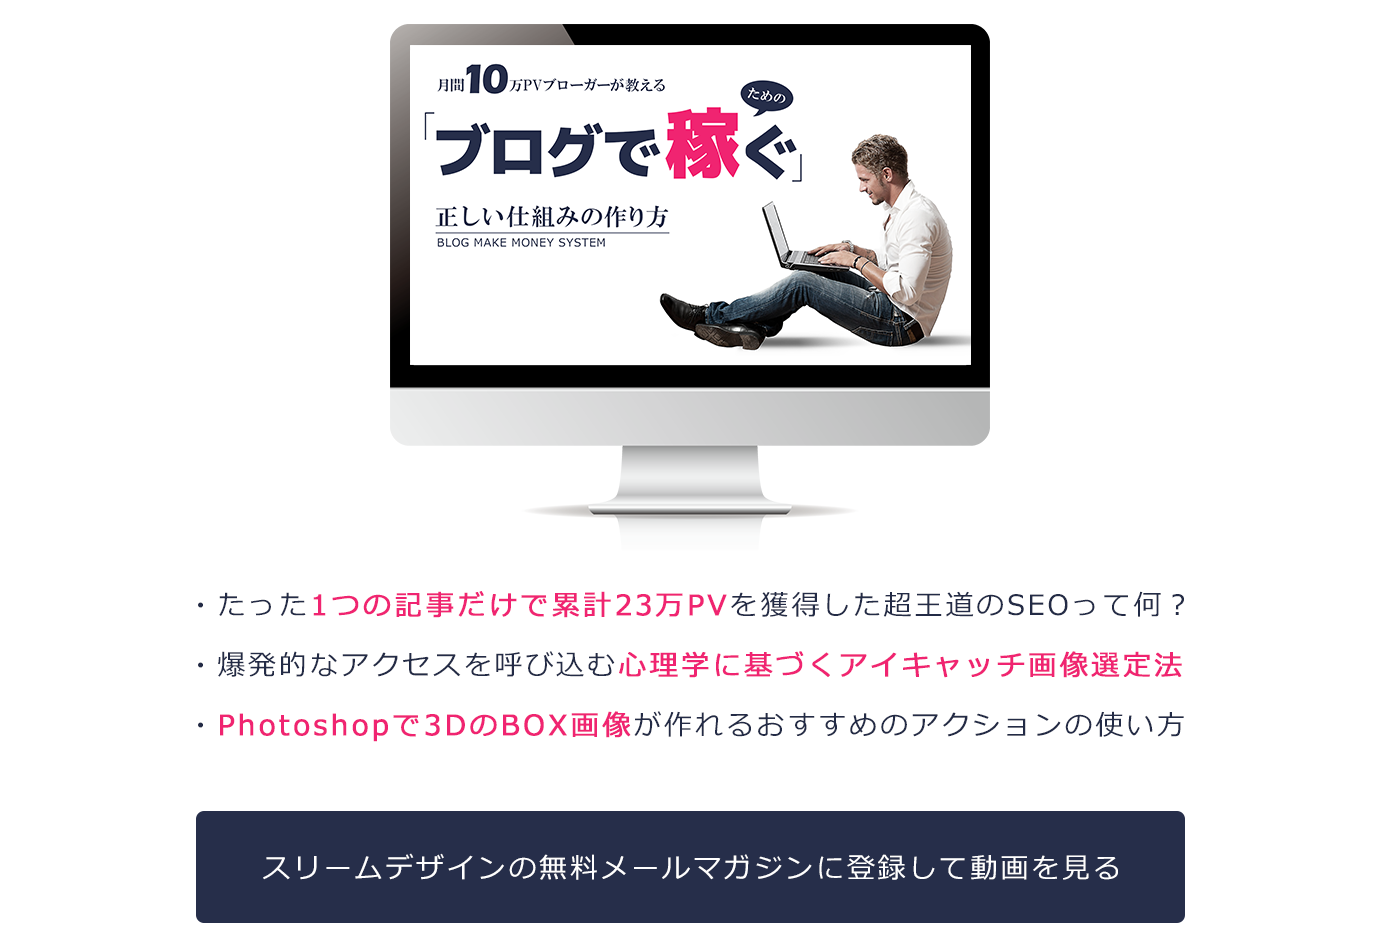 スリームデザインの無料メールマガジン